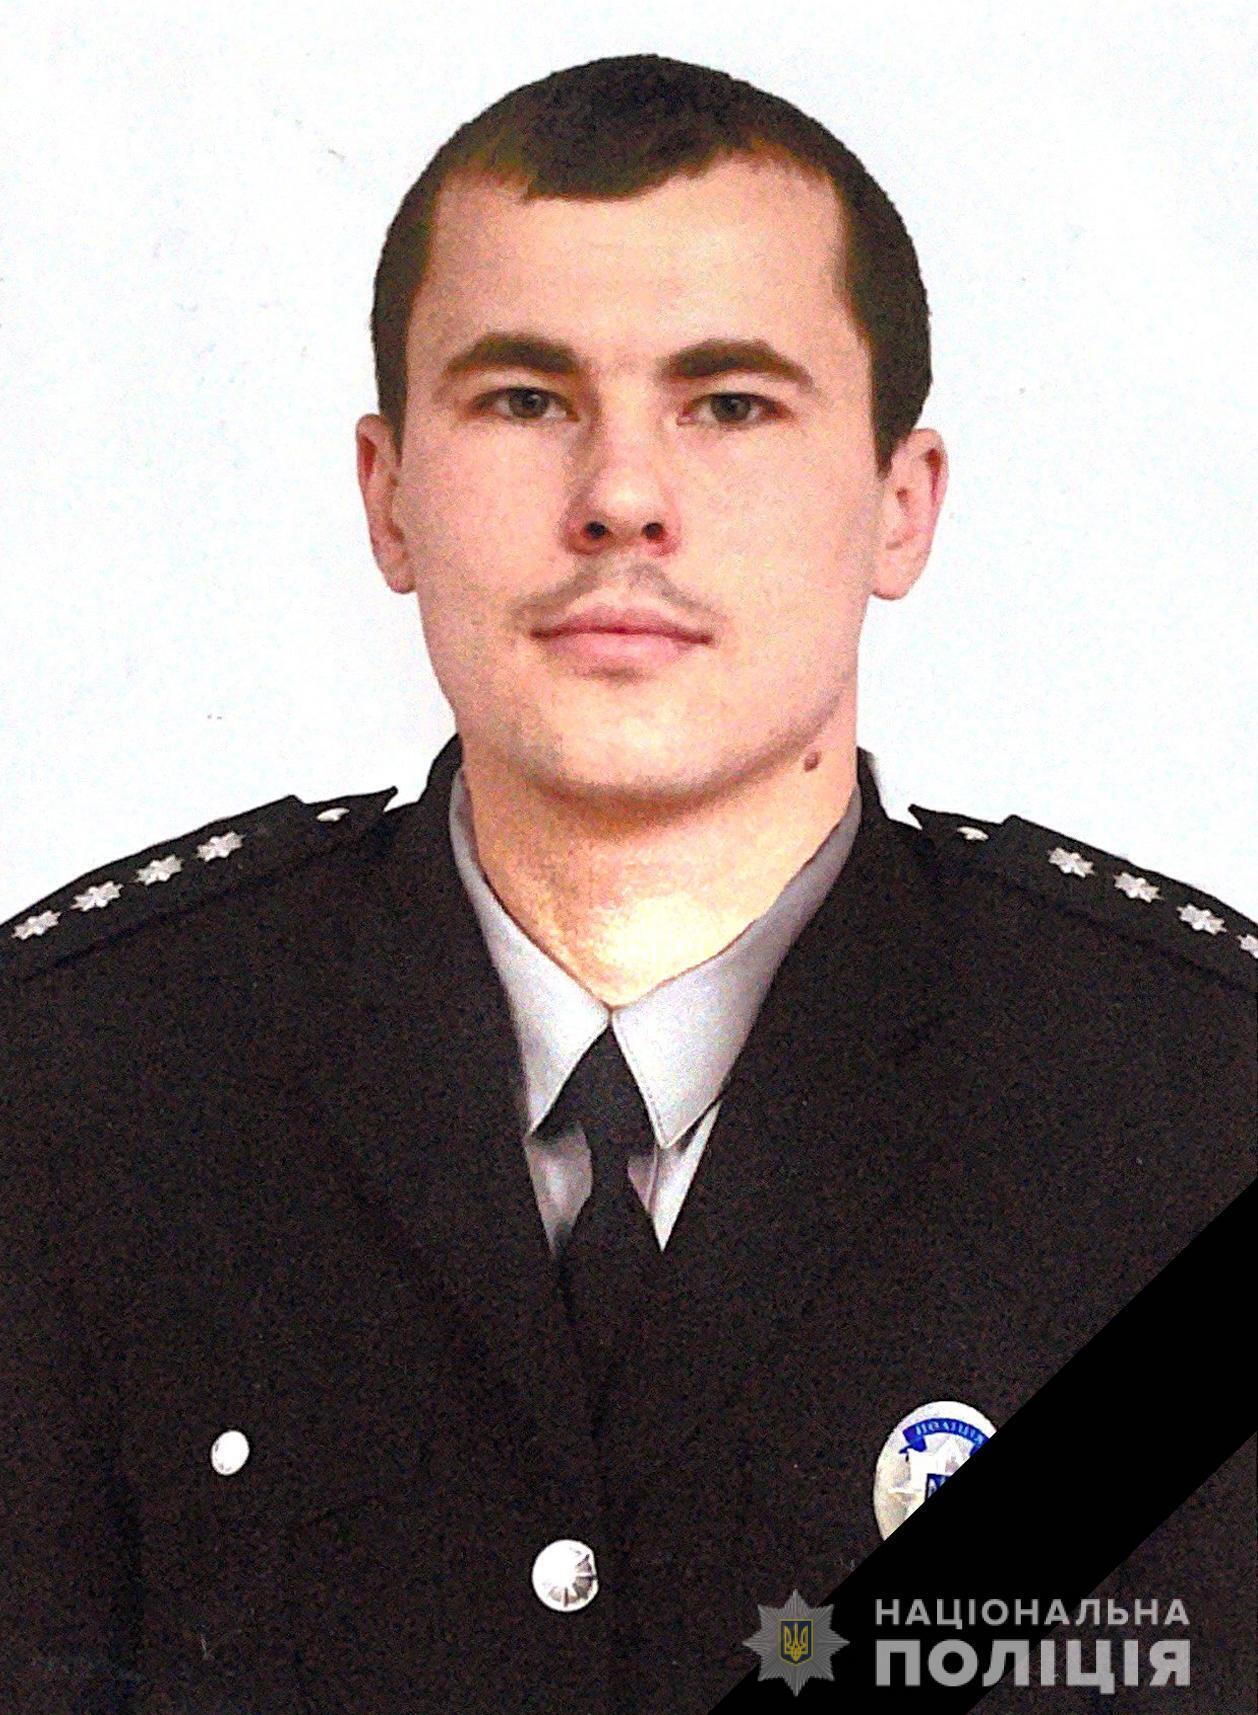 Капитан полиции Анатолий Пастушенко.